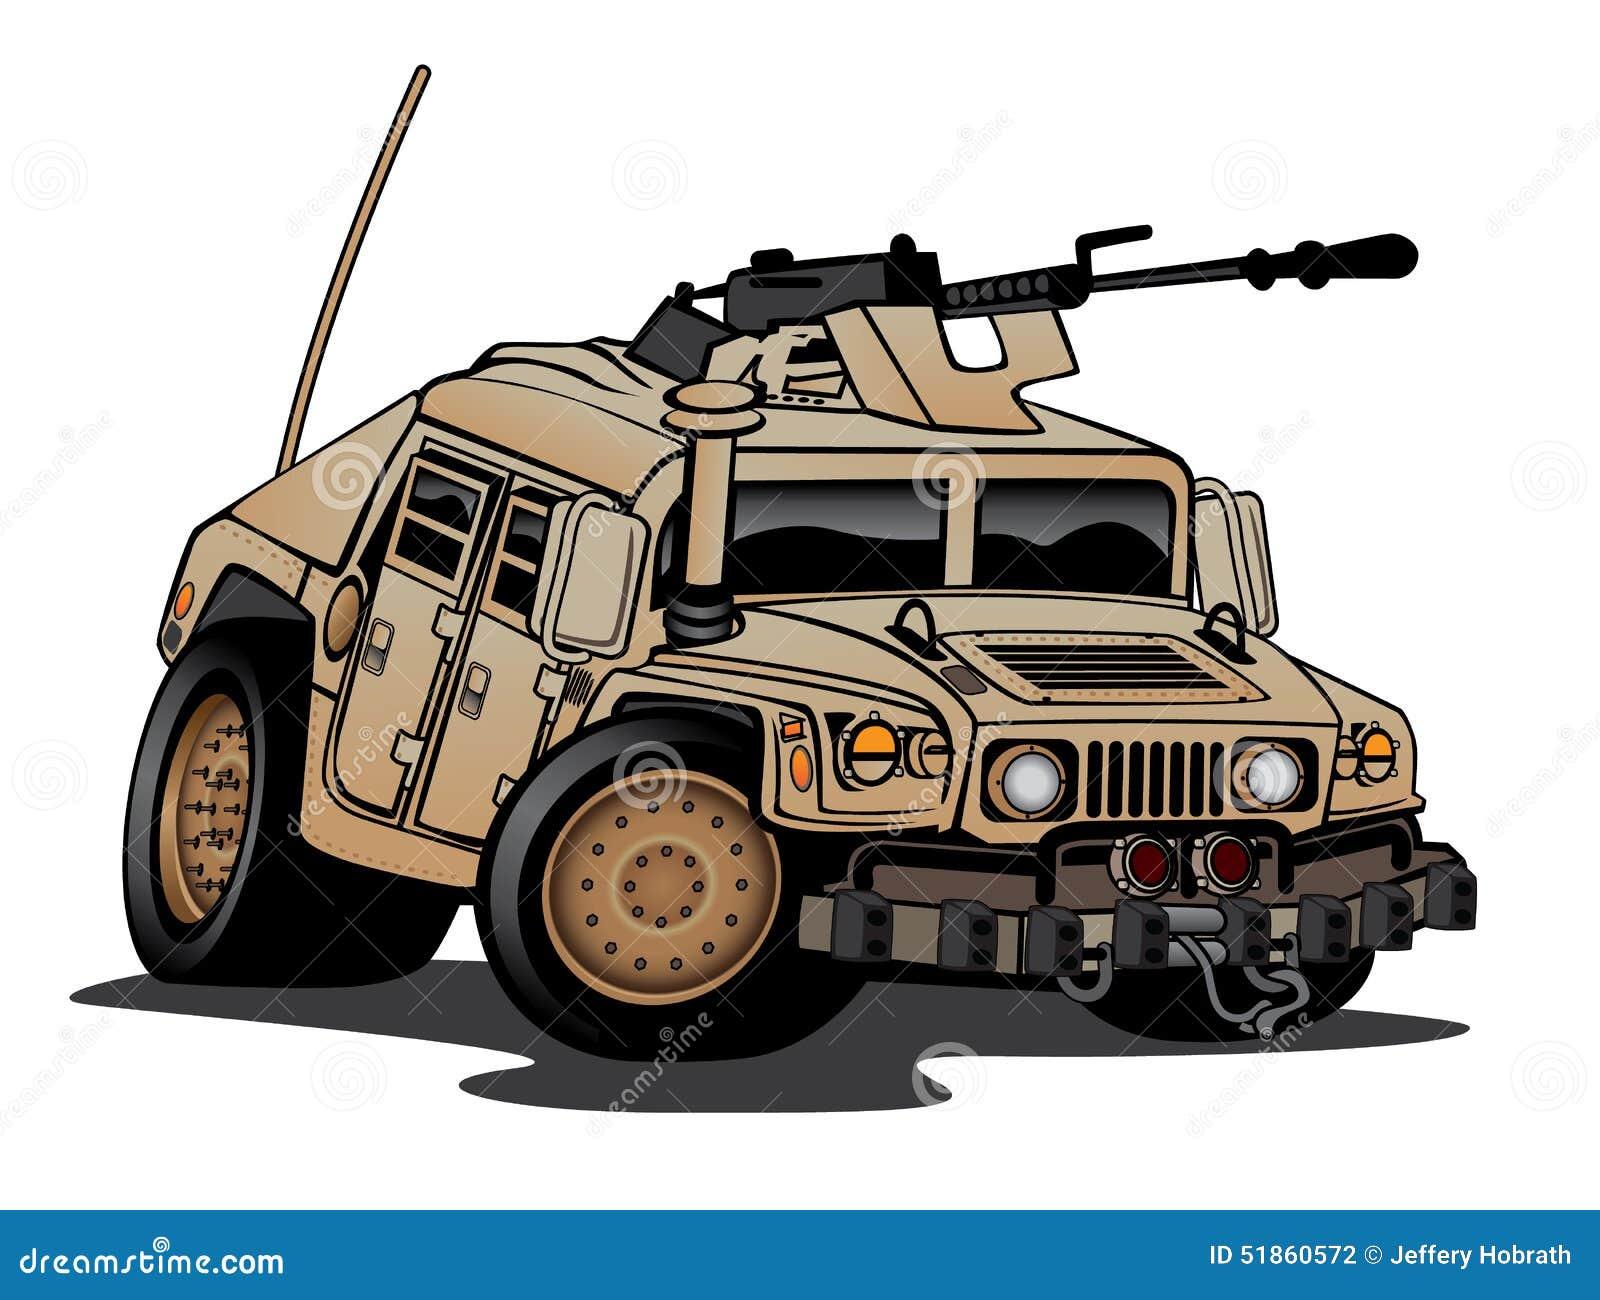 Humvee Military Truck Cartoon Stock Illustration Image